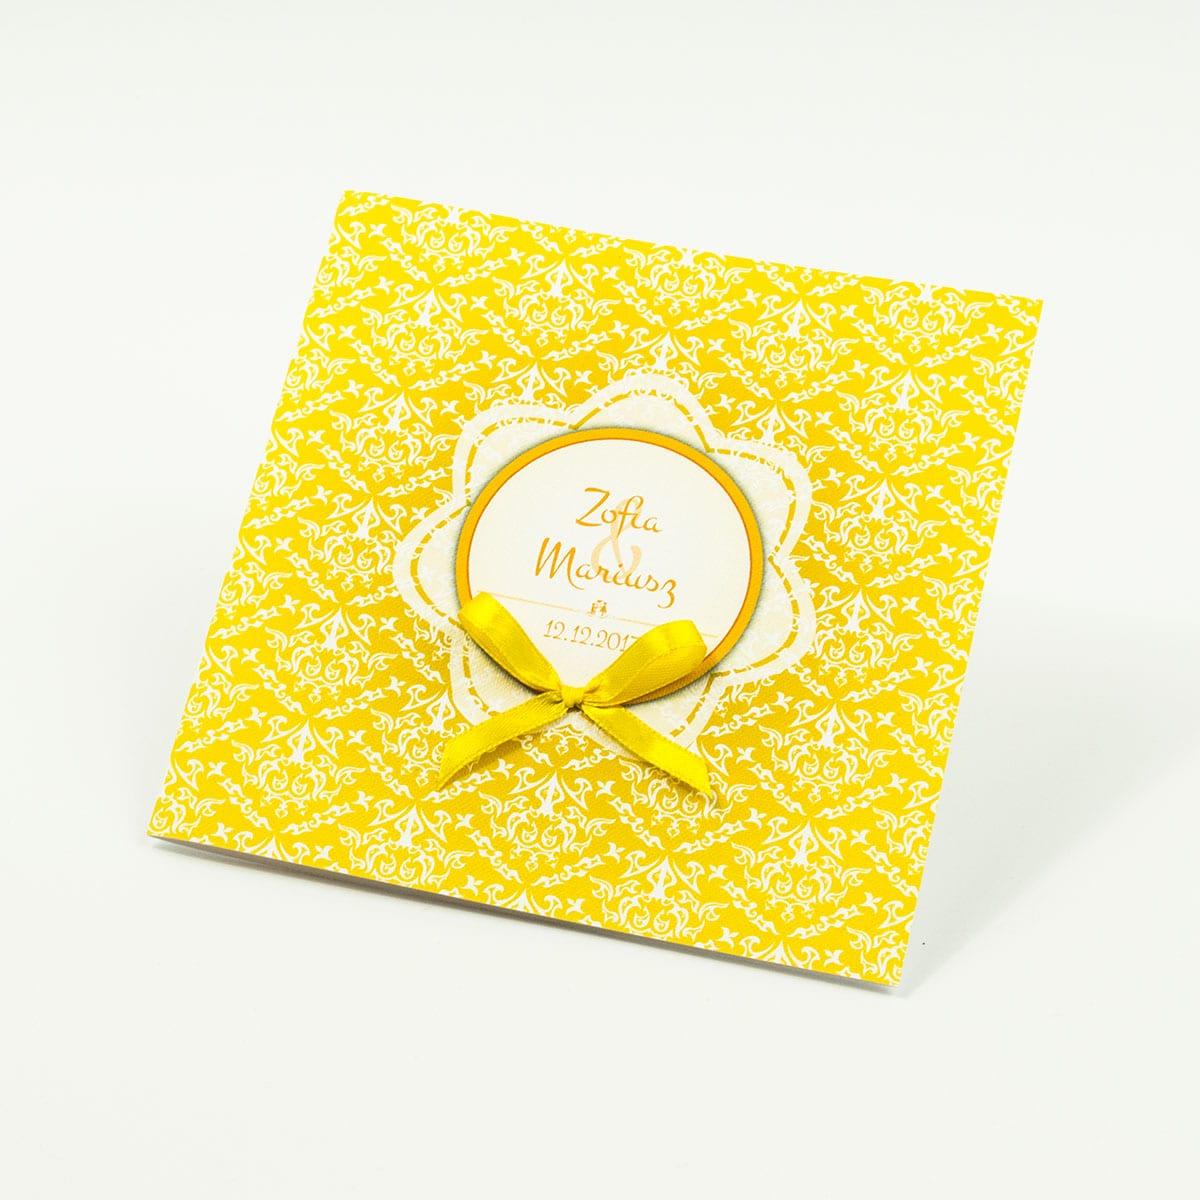 Zaproszenia designerskie - żółto-biała dekoracja z trójkolorowym motywem kwiatowym oraz satynową kokardką. ZAP-11-15